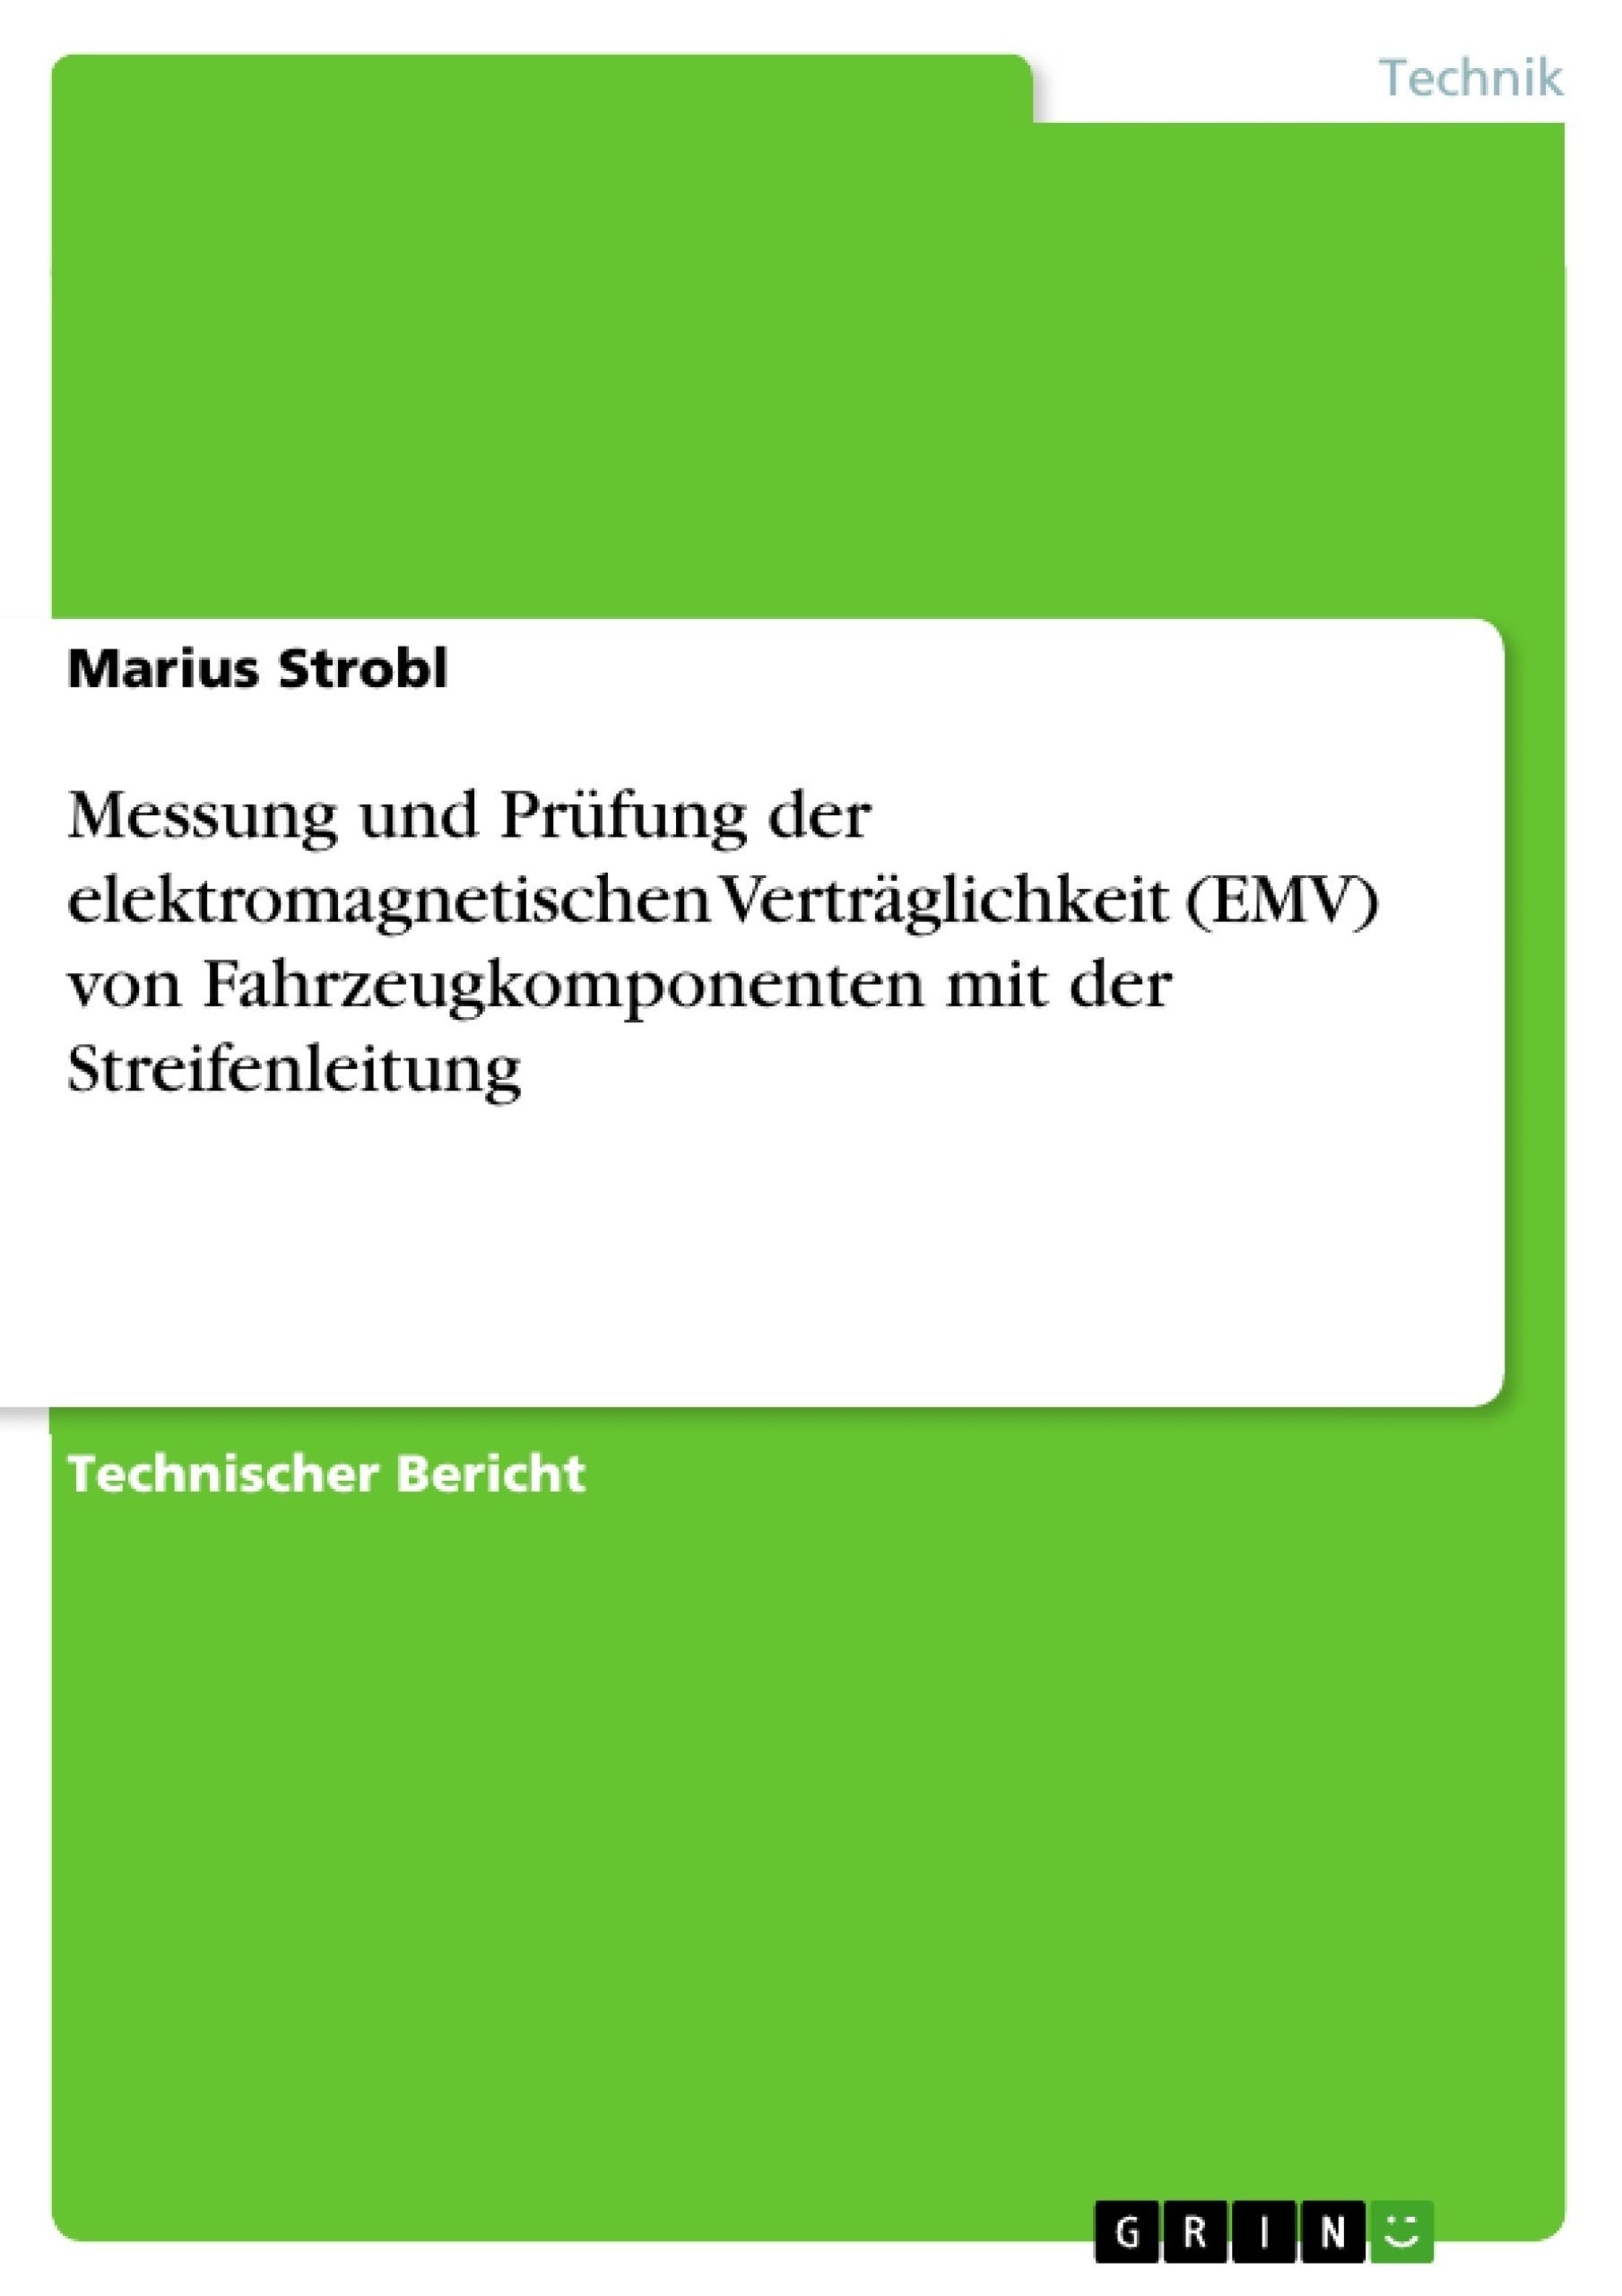 Titel: Messung und Prüfung der elektromagnetischen Verträglichkeit (EMV) von Fahrzeugkomponenten mit der Streifenleitung